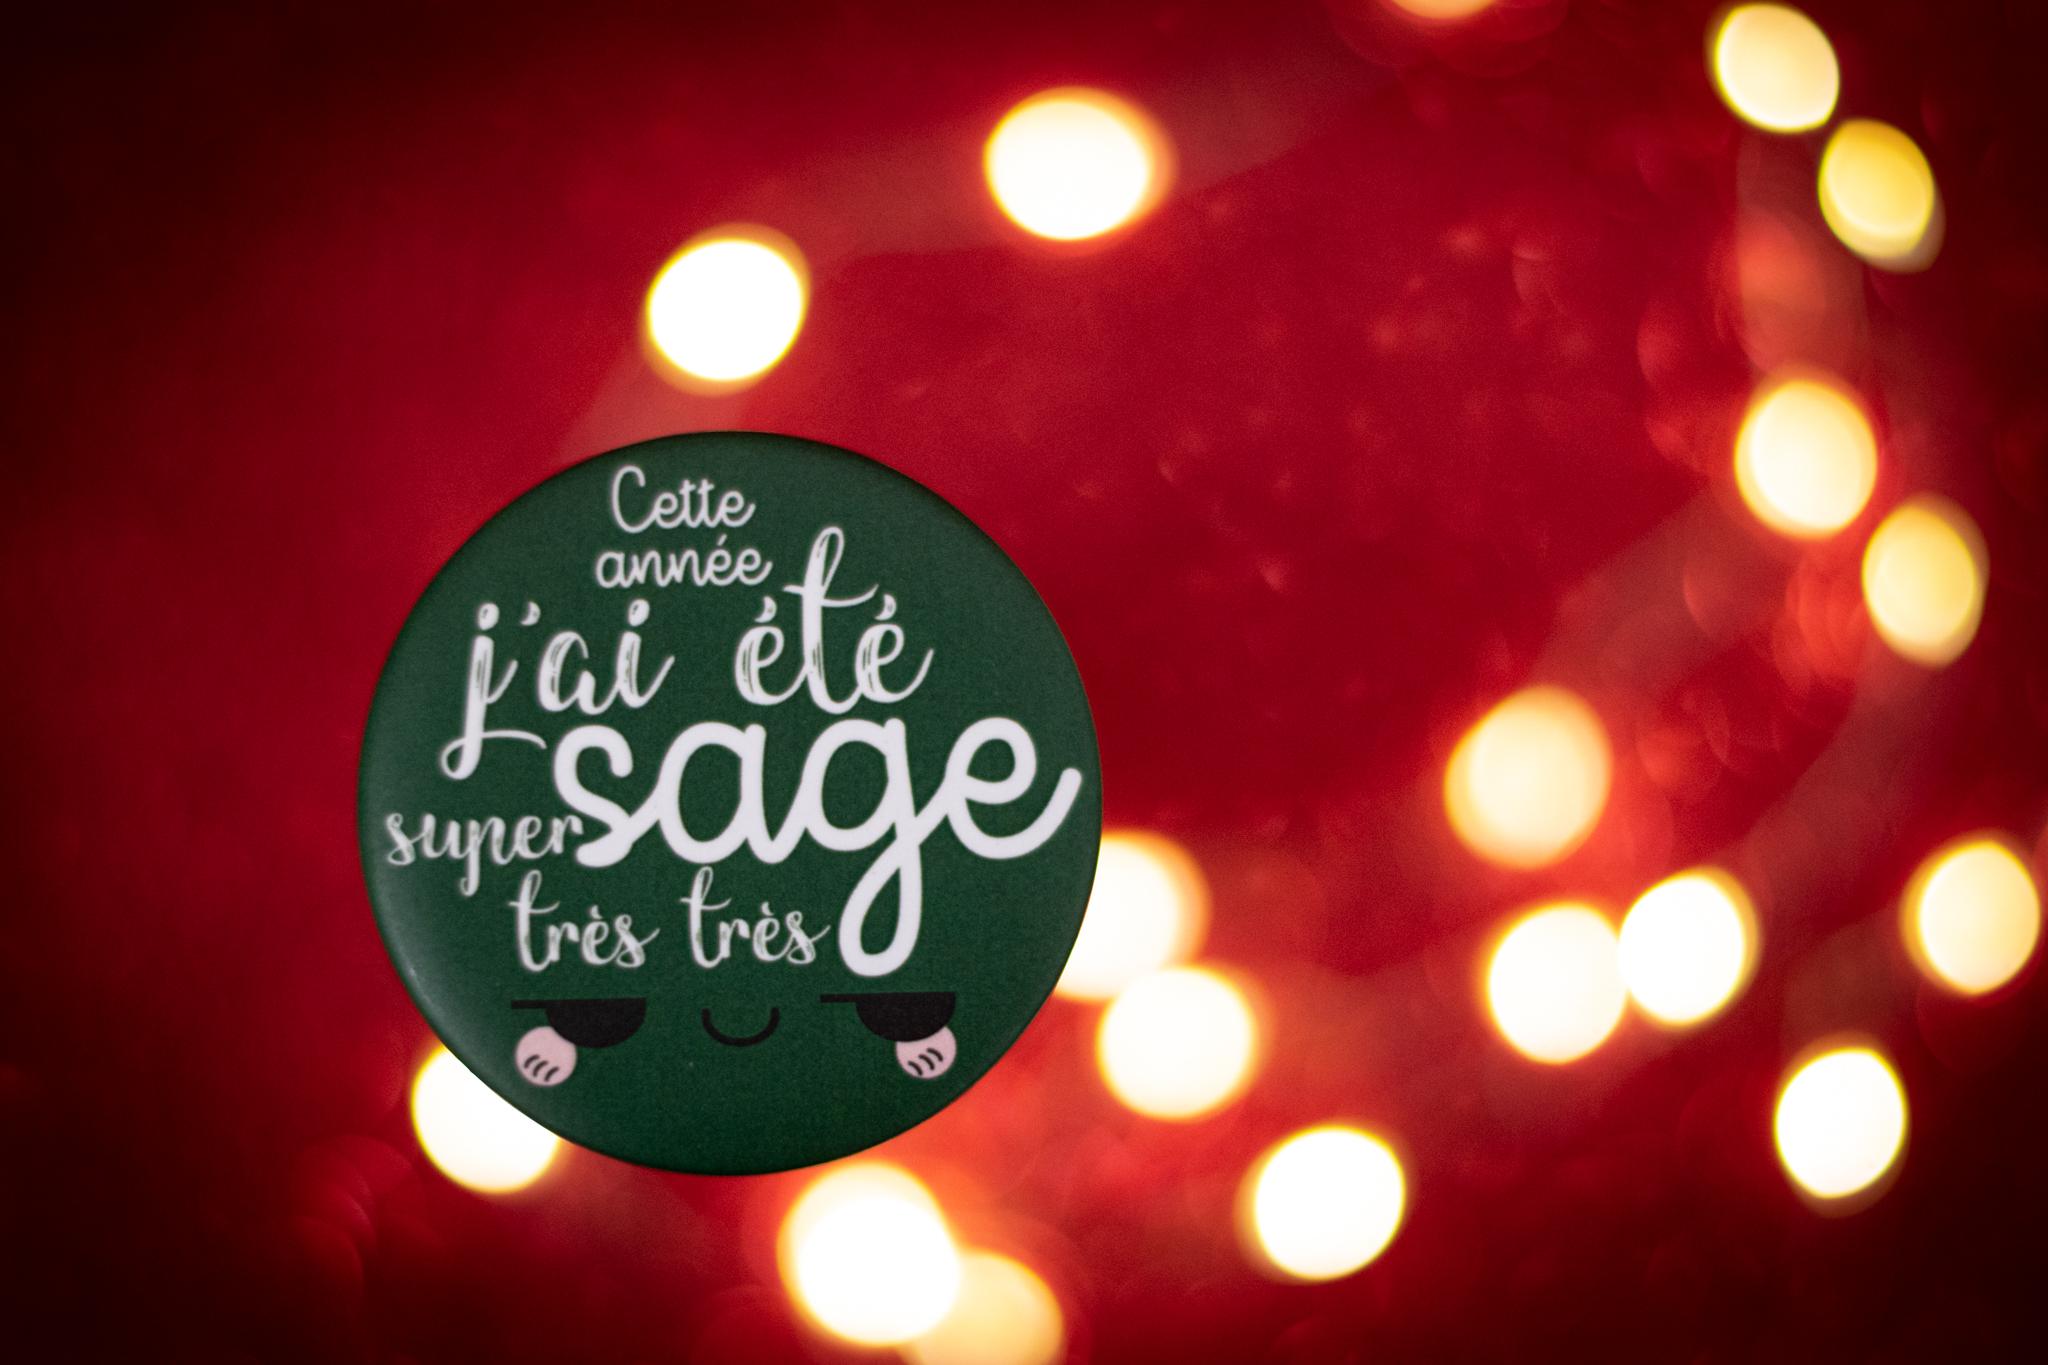 Maxi Badge de Noël : Cette année, j'ai été super très très sage! - version verte